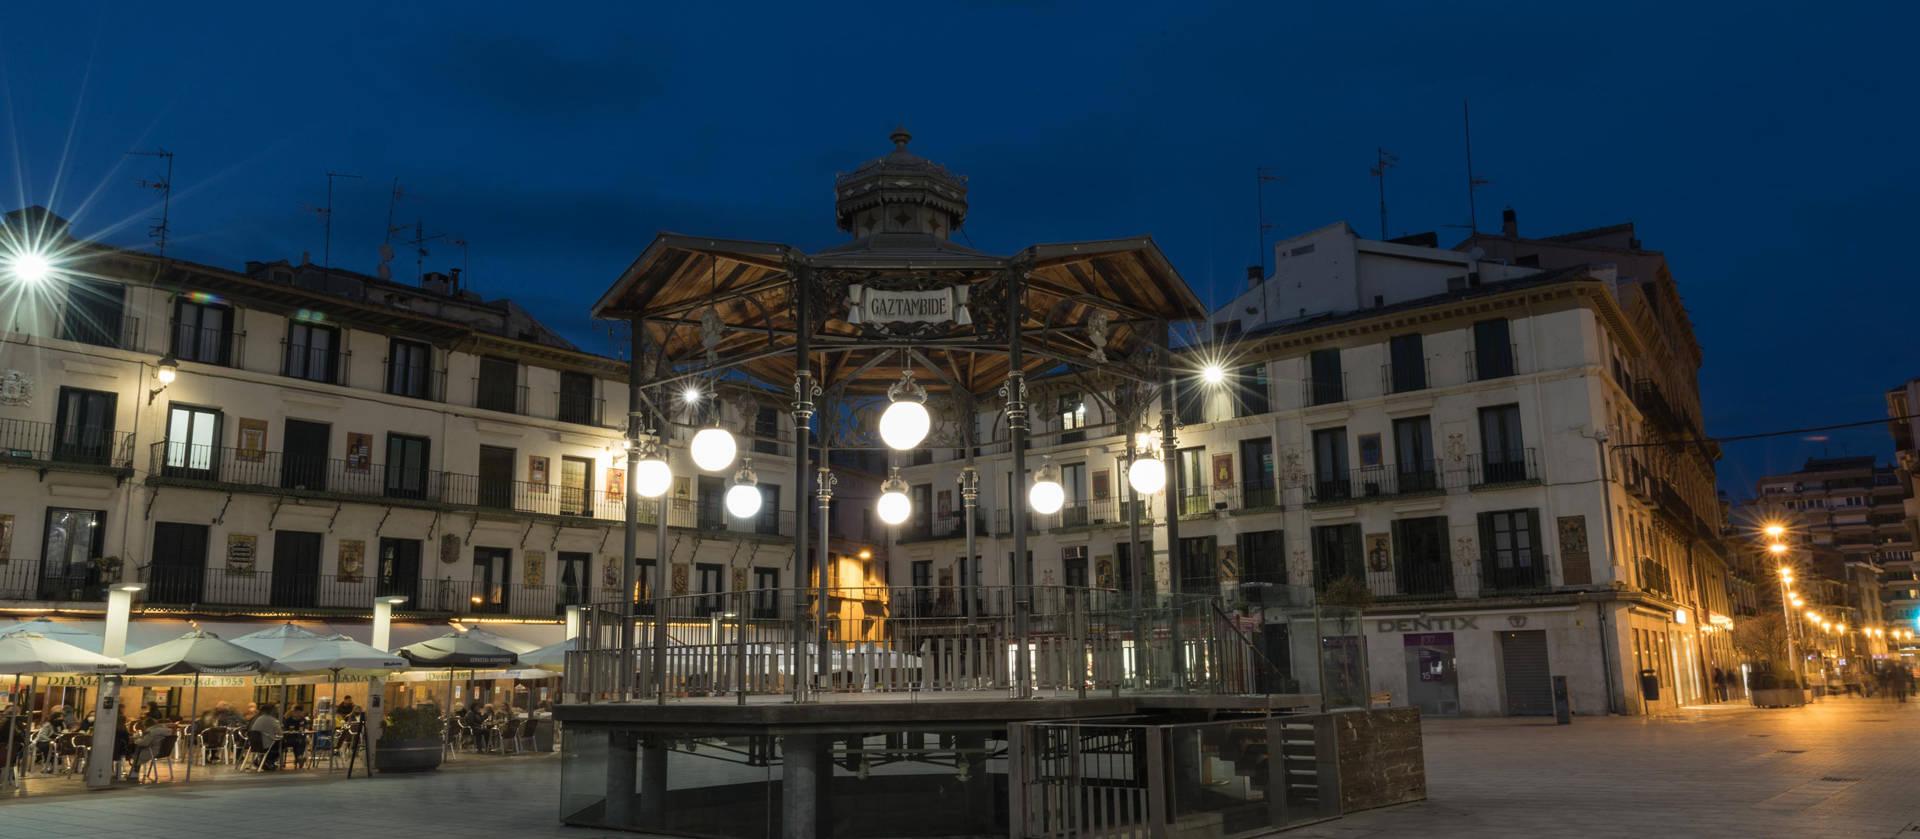 Imagen nocturna del quiosco de la plaza de los Fueros que este año cumple un siglo de historia desde su instalación en 1921.